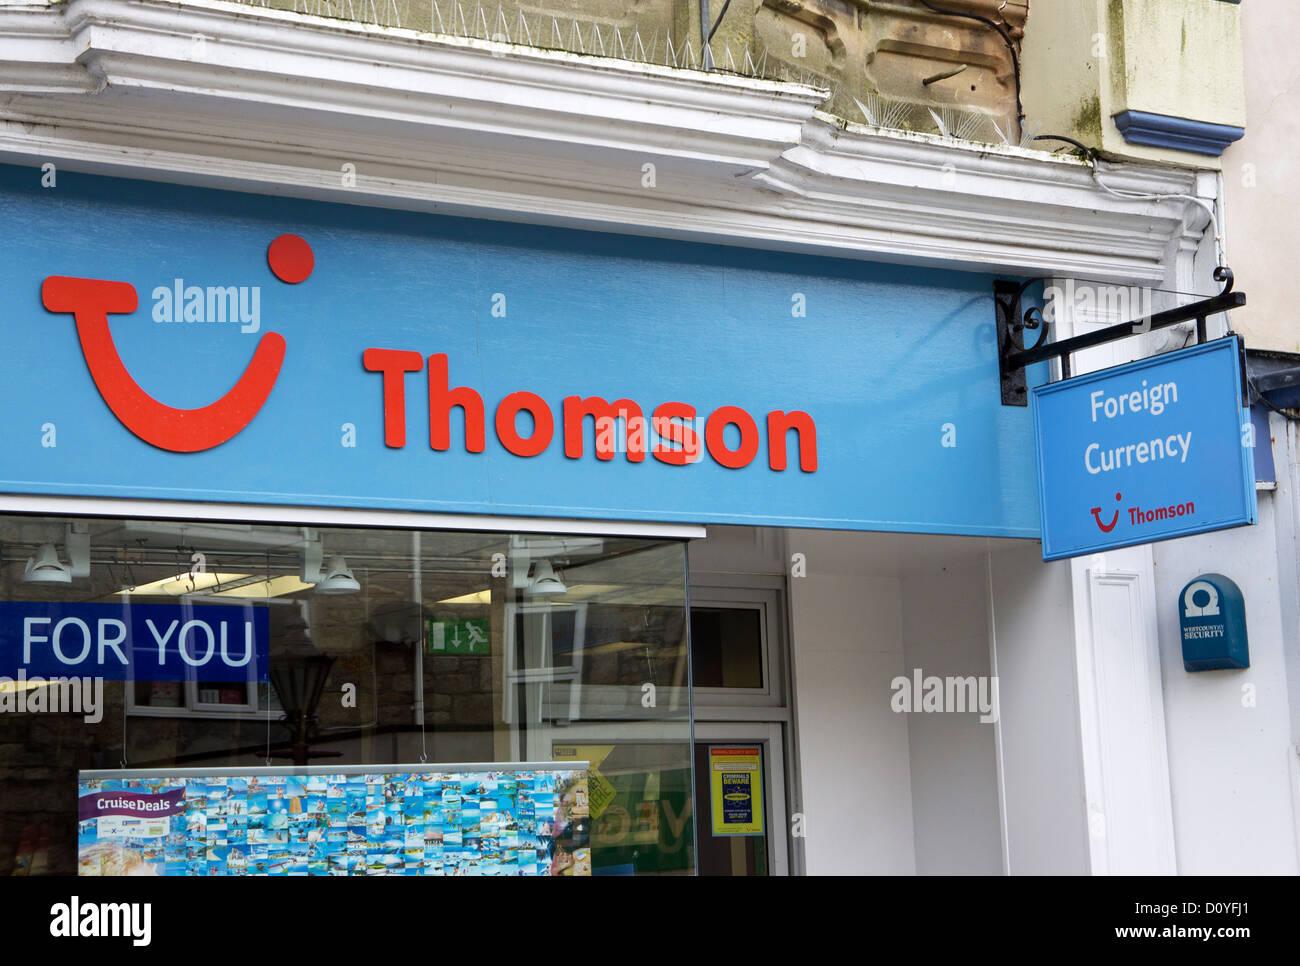 Un agenzia di viaggi Thomson in uk high street Immagini Stock